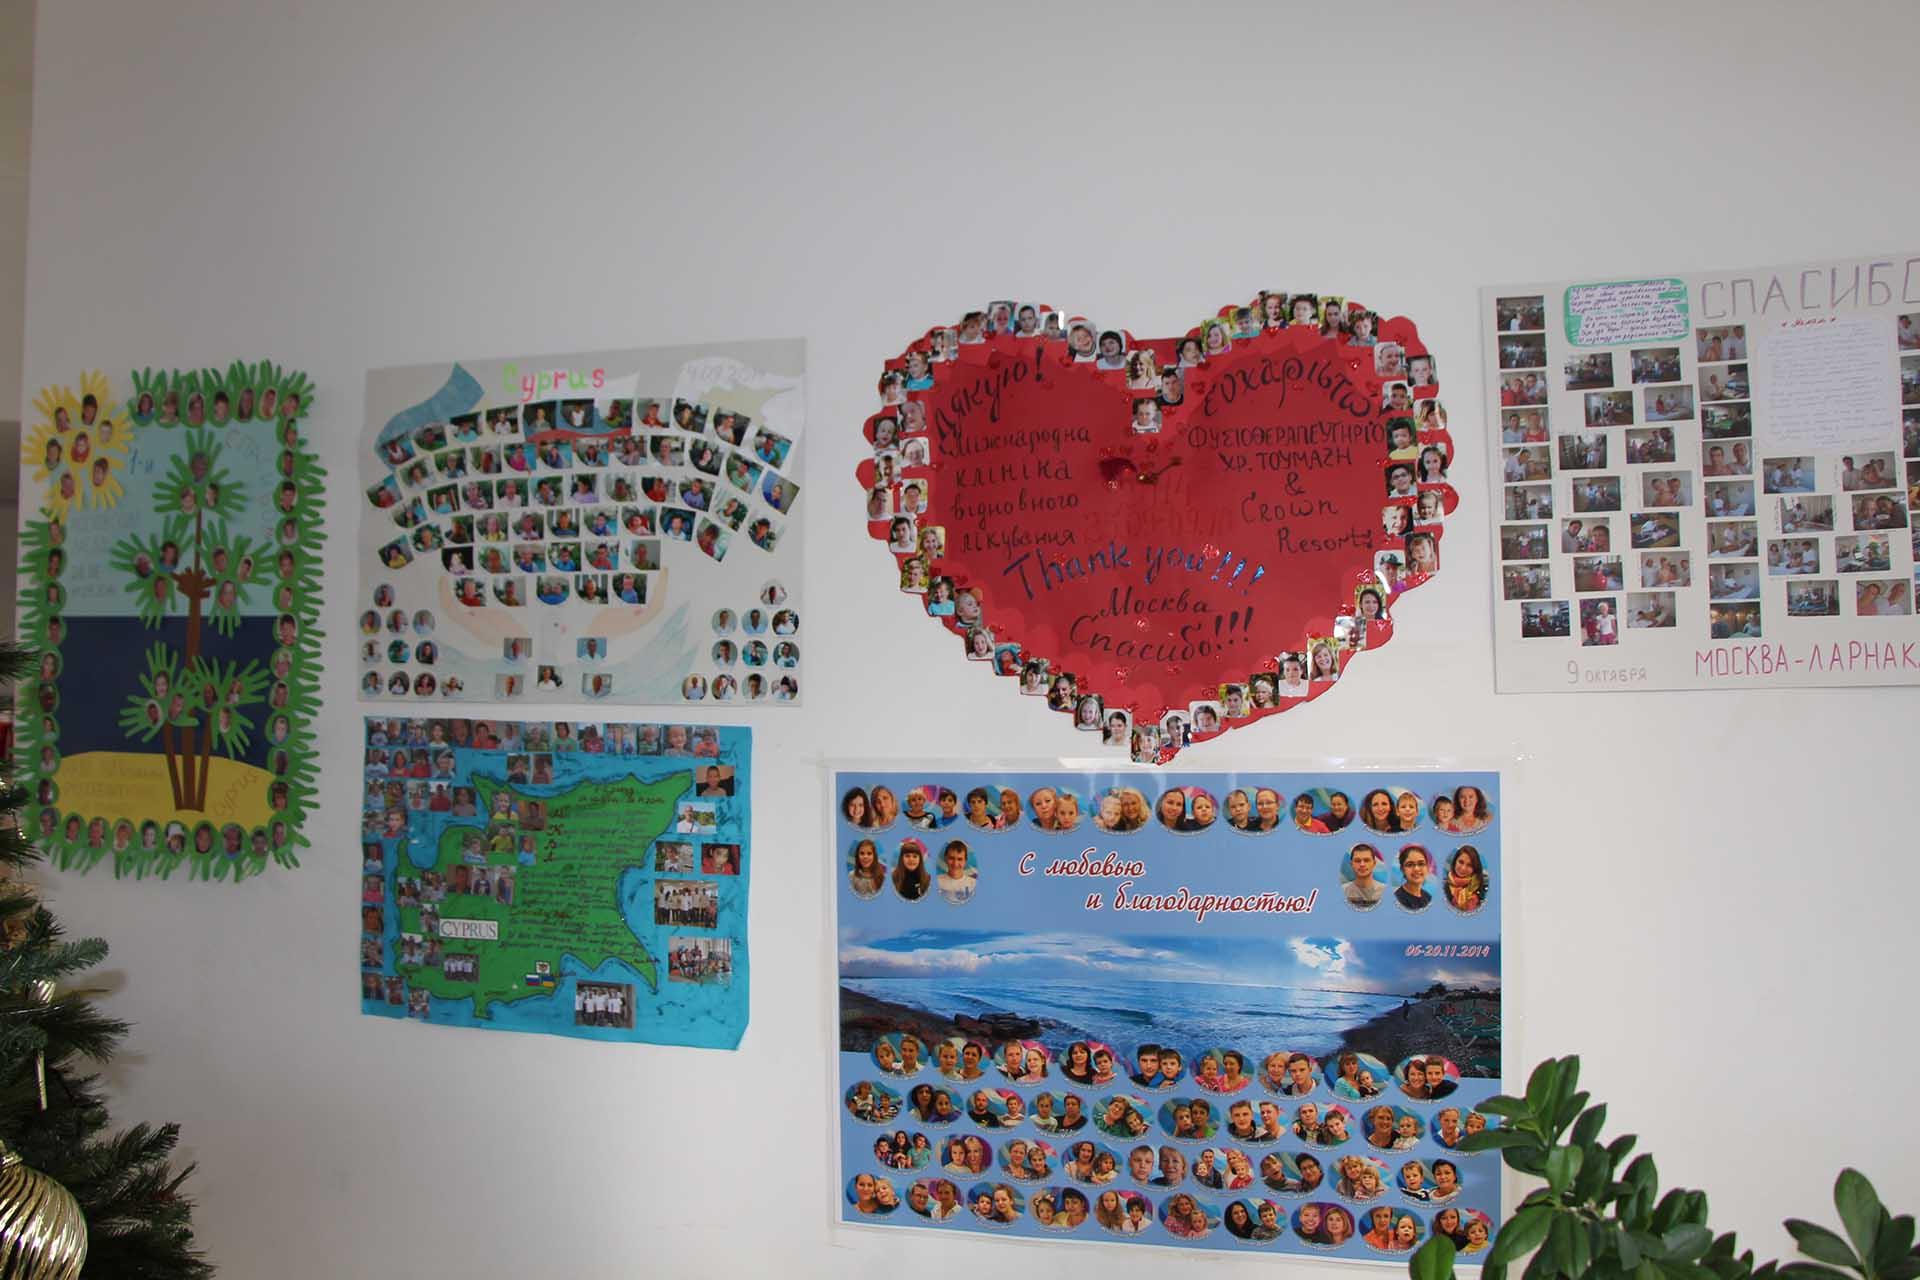 Toumazi Physio Gallery - Wall posters